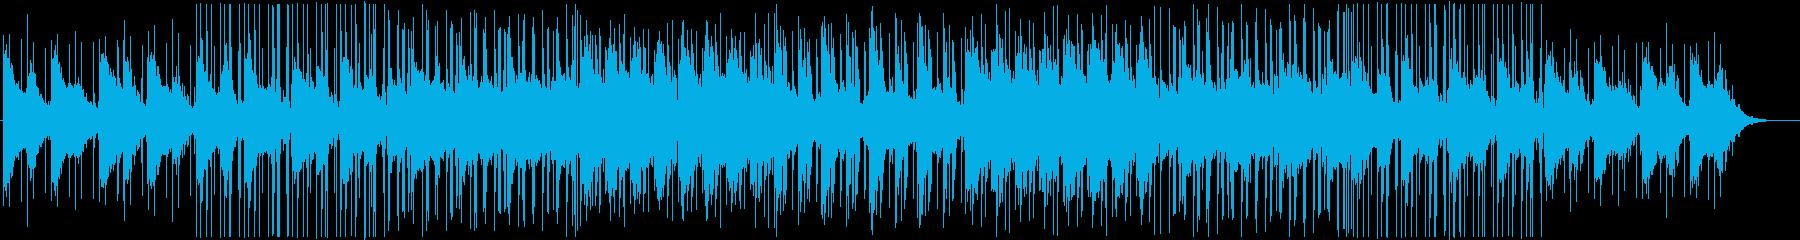 まったりおしゃれチル-動画天気ニュース等の再生済みの波形